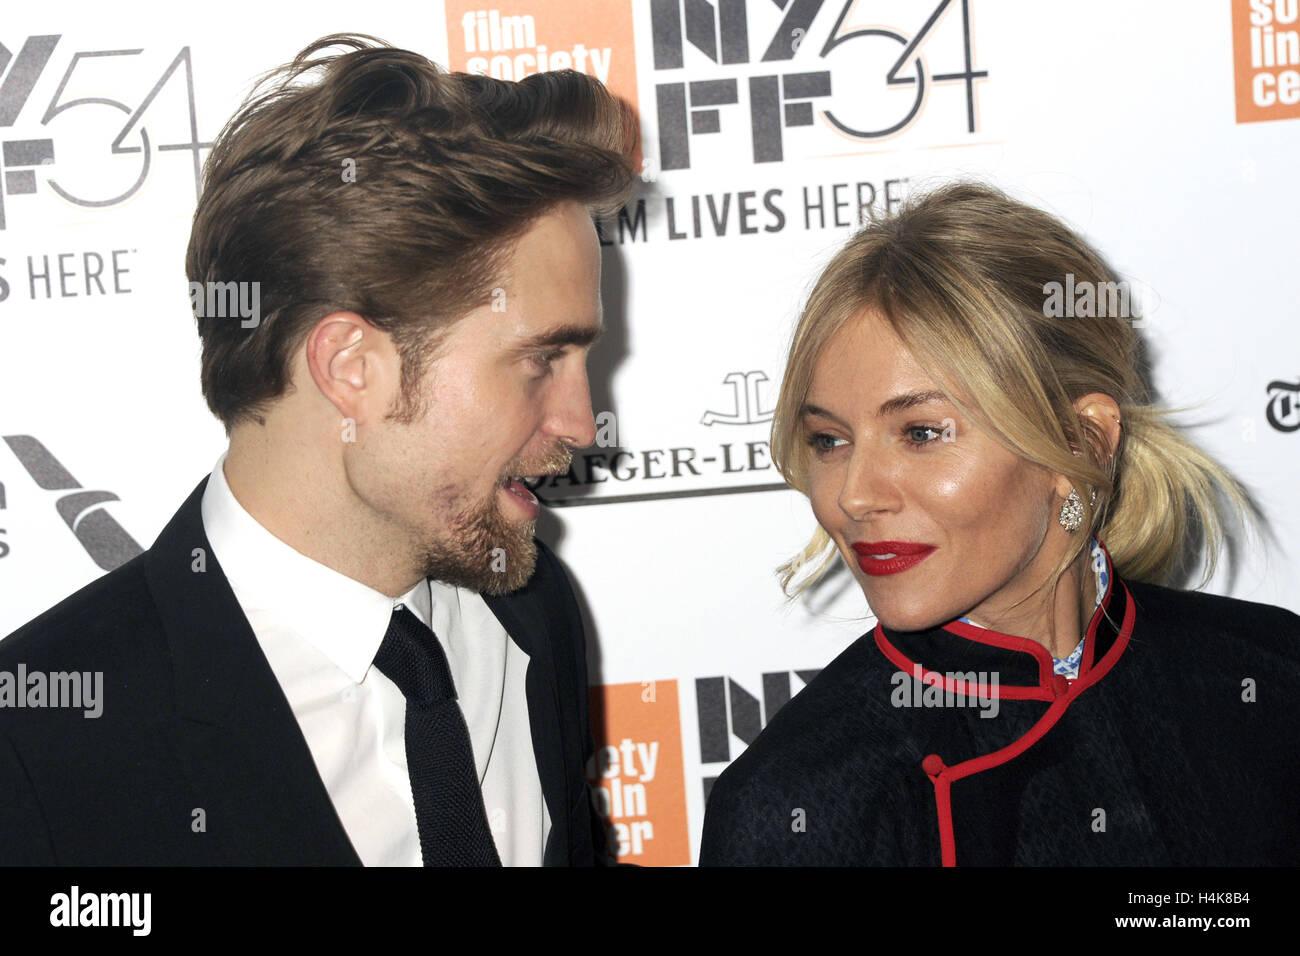 """La Ciudad de Nueva York. 15 Oct, 2016. Robert Pattinson y Sienna Miller asistir a """"La Ciudad Perdida de Z' la noche Foto de stock"""